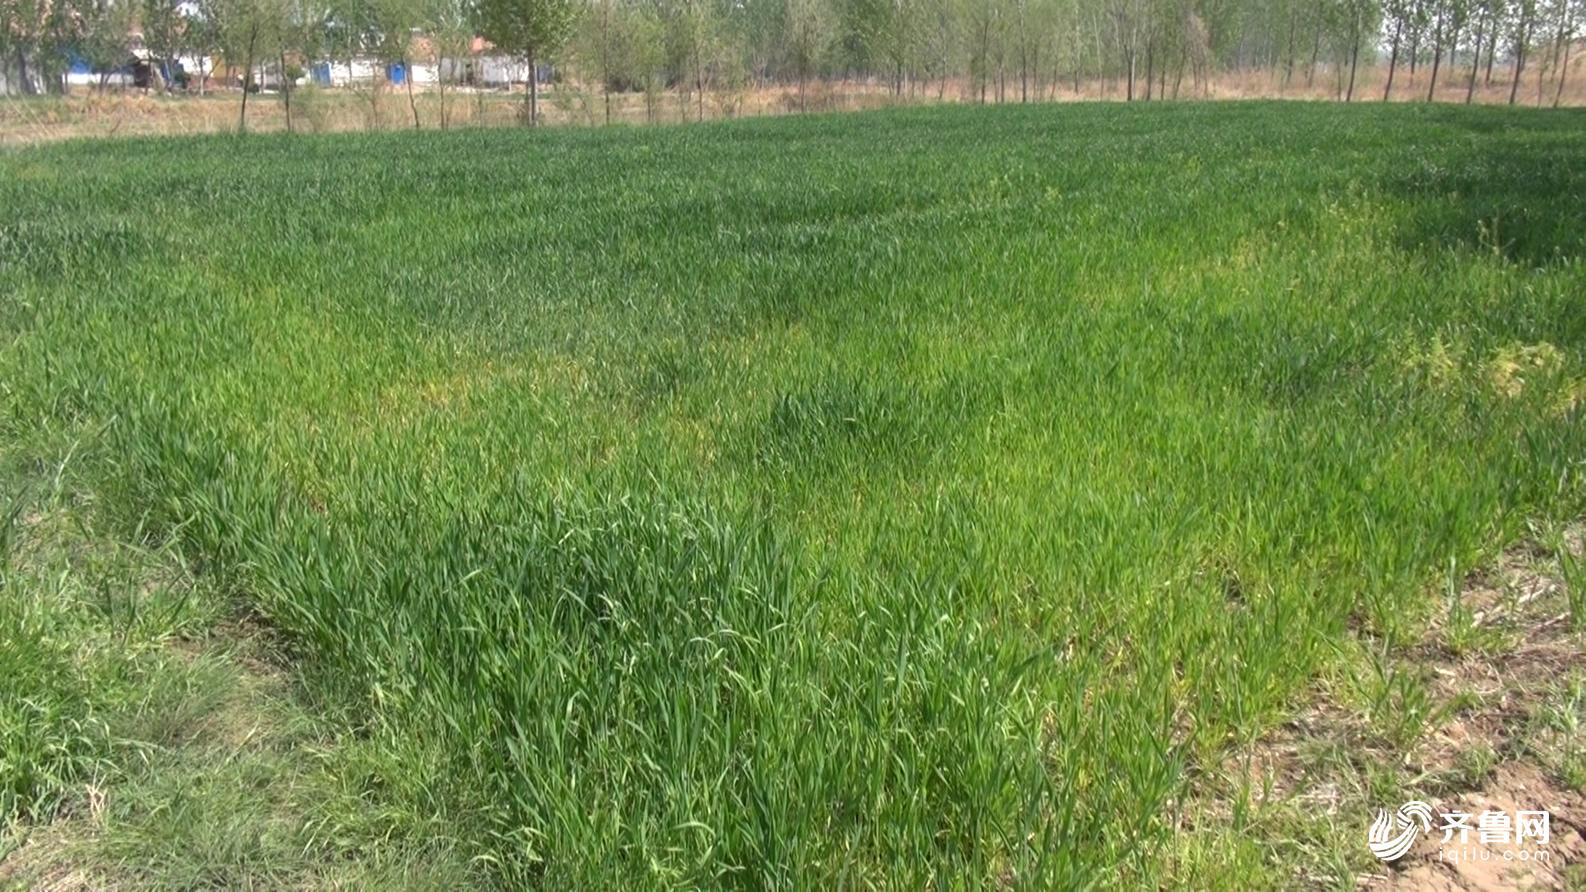 壁纸 草 成片种植 风景 绿色 植物 种植基地 桌面 1586_892